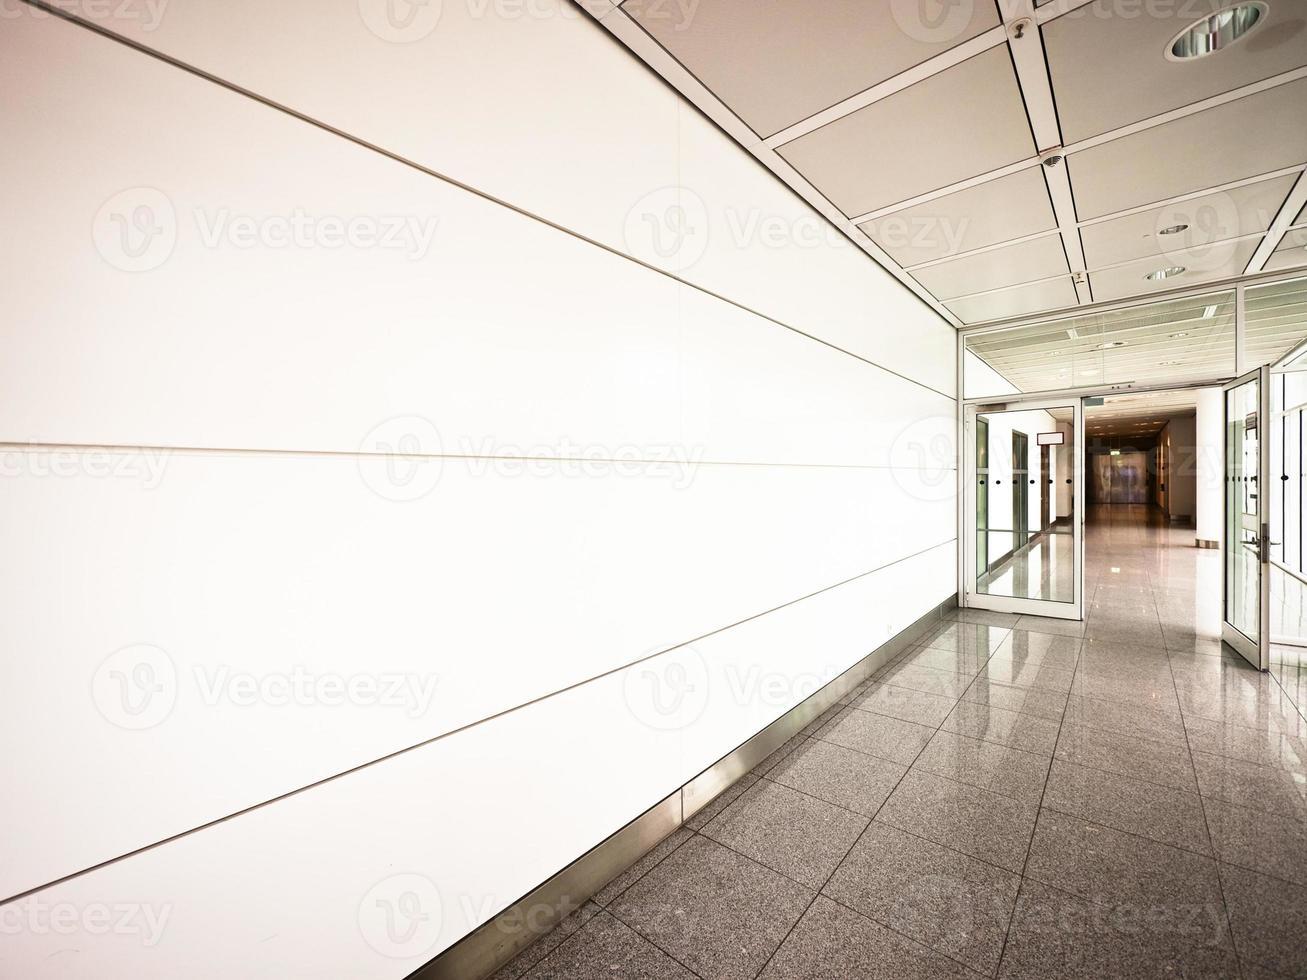 couloir photo